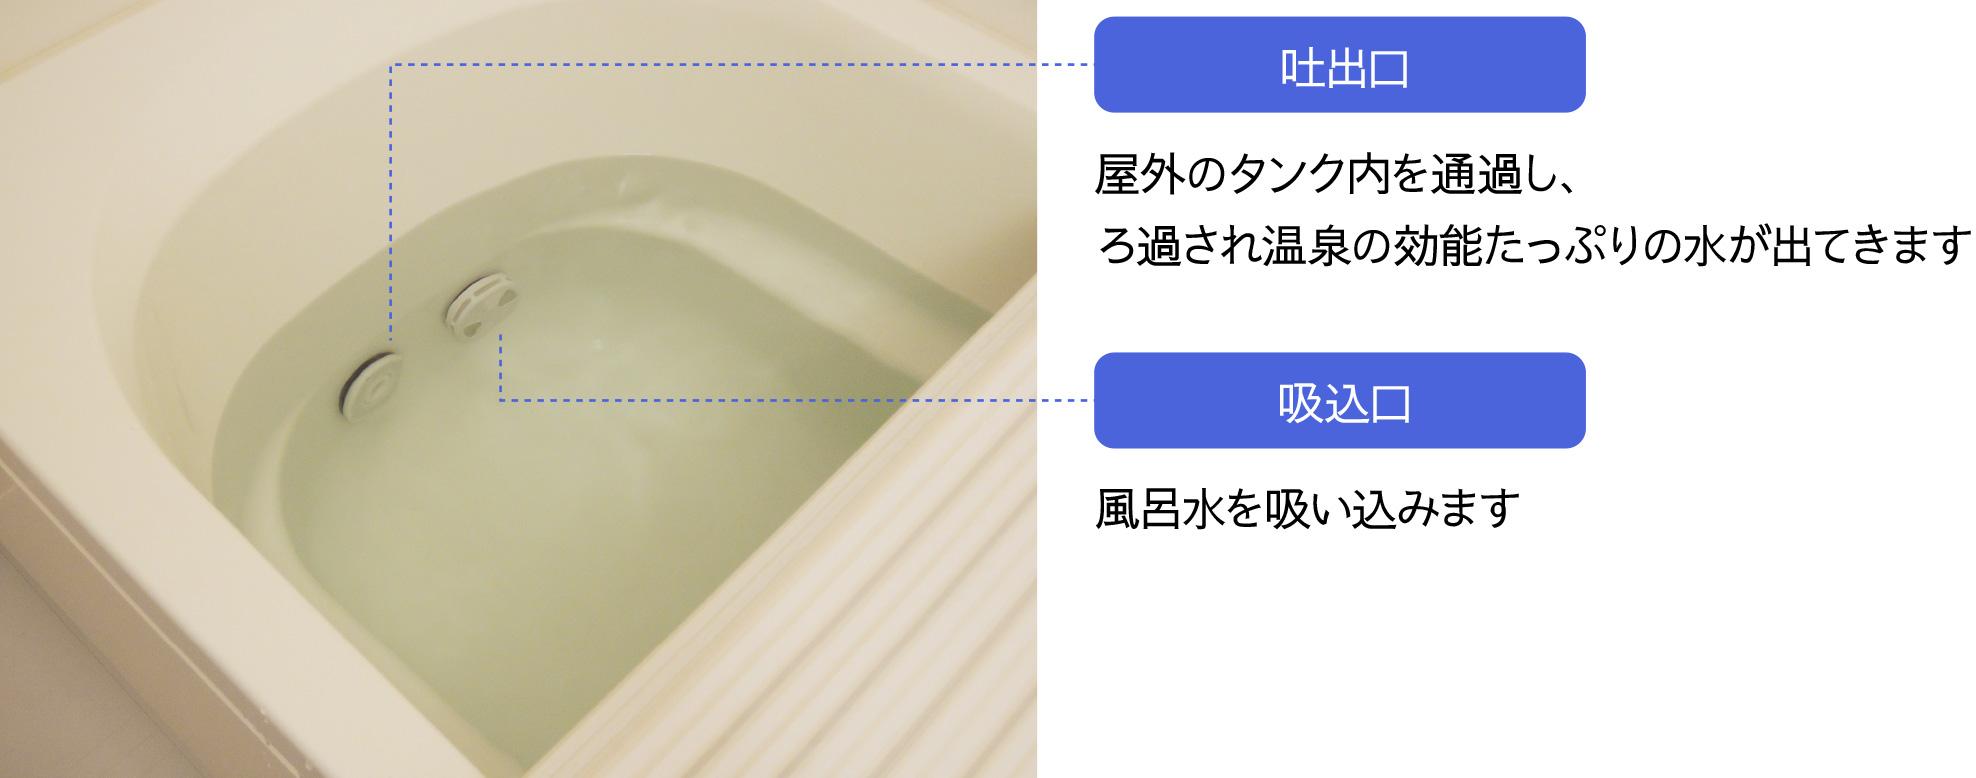 おうち温泉ポイント3